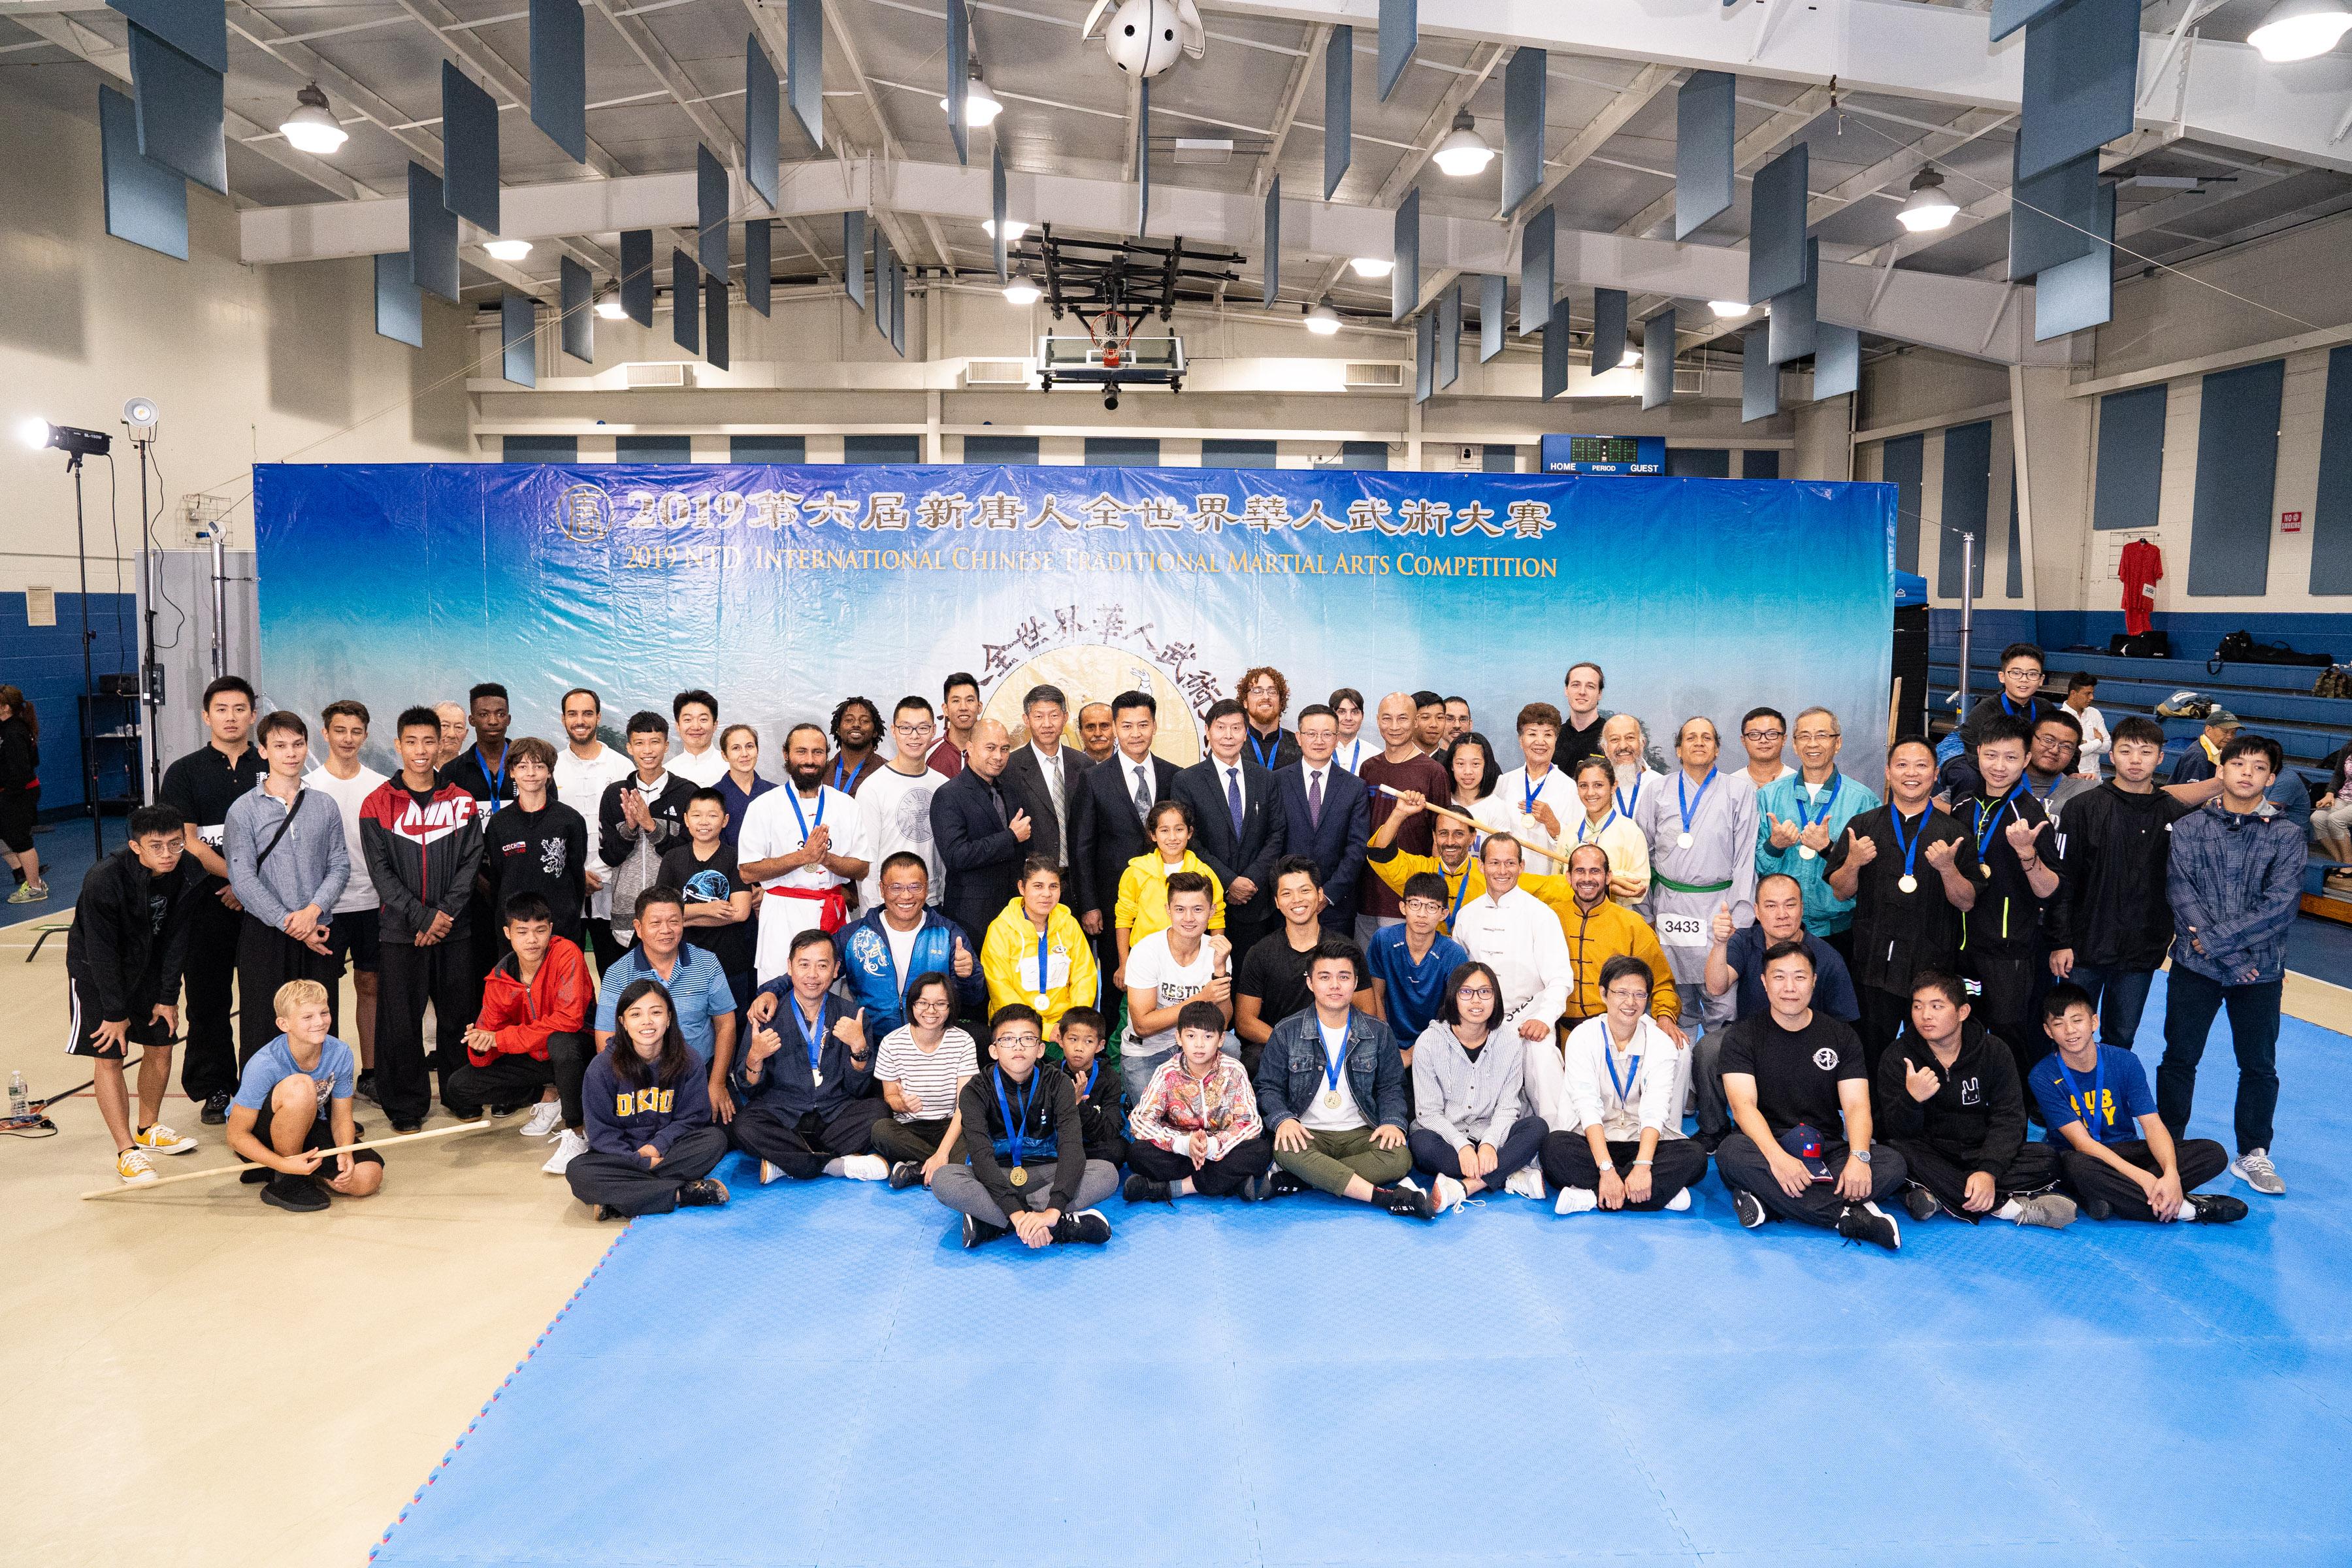 新唐人武術大賽初賽結束 傳統武術深入人心